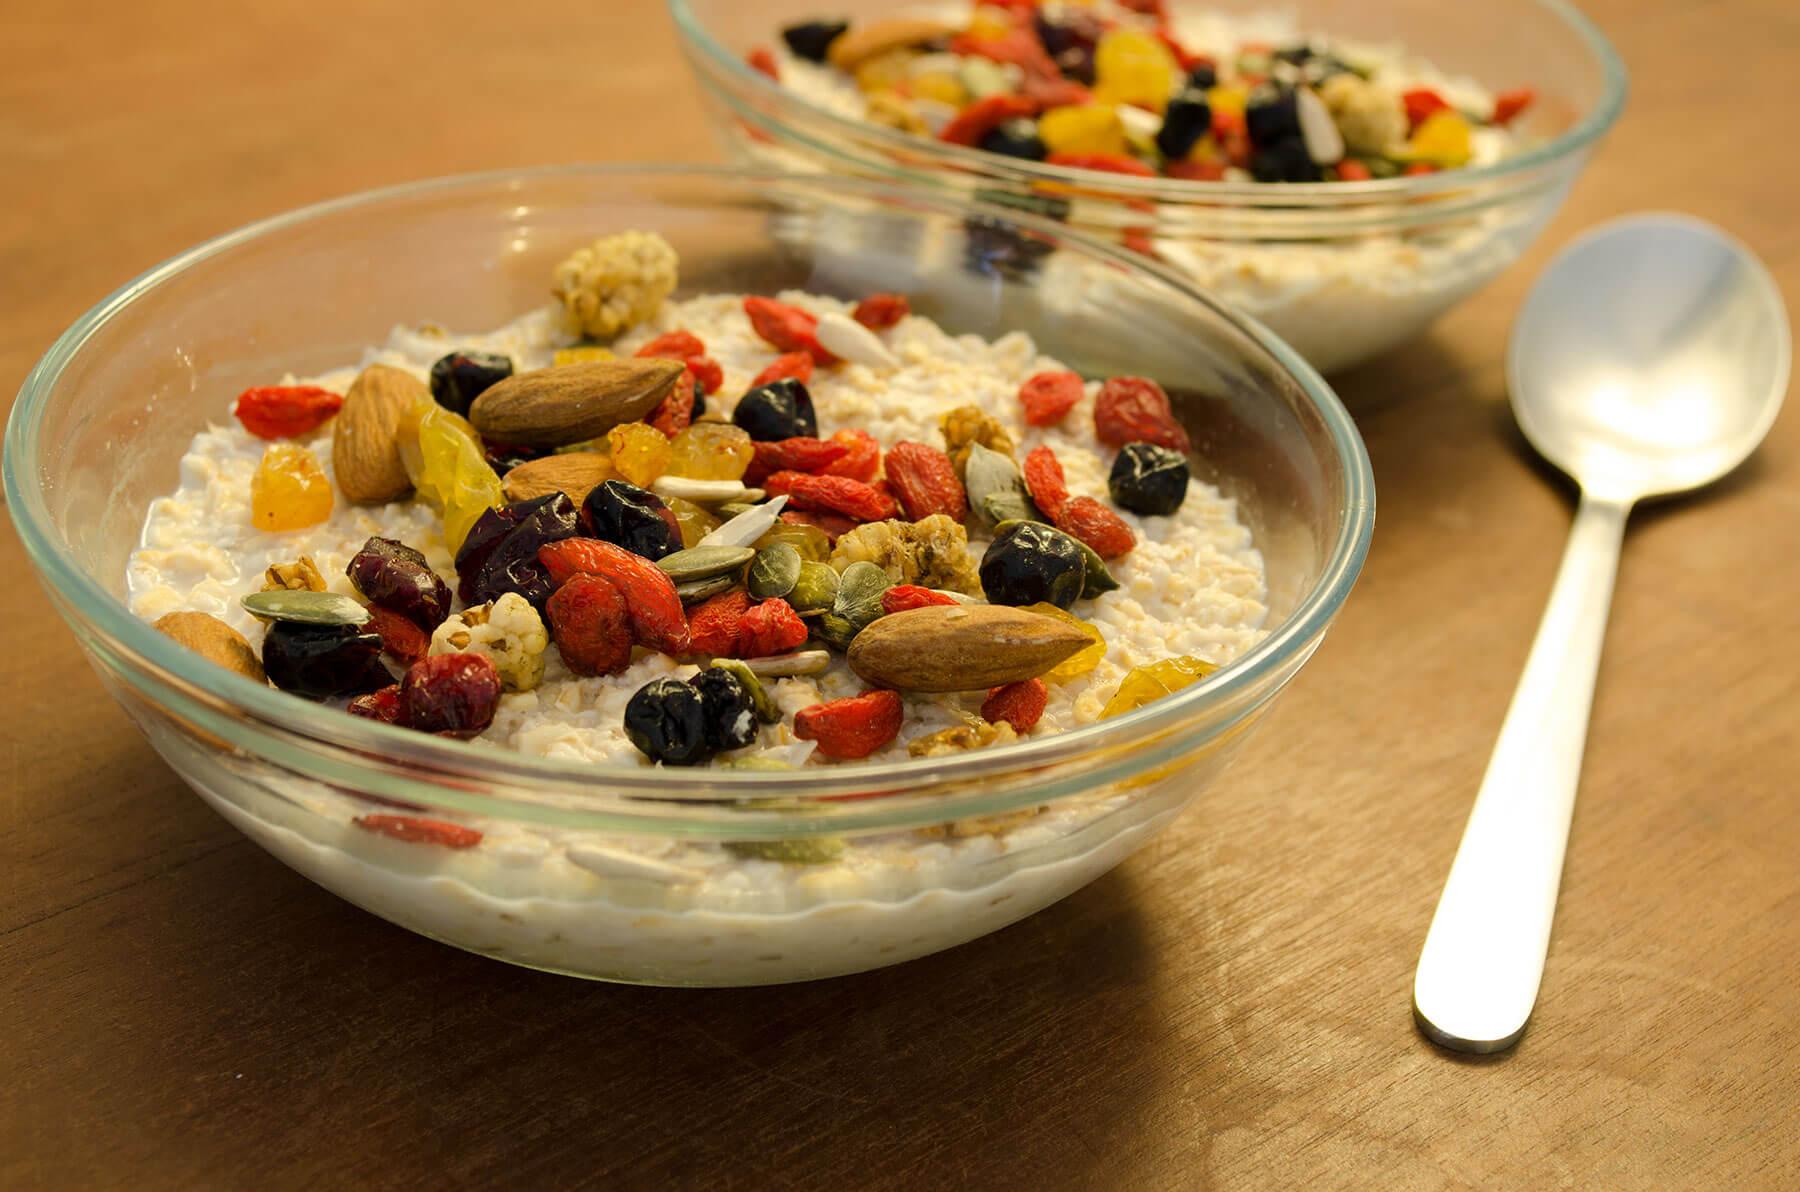 havermout met yoghurt gezond